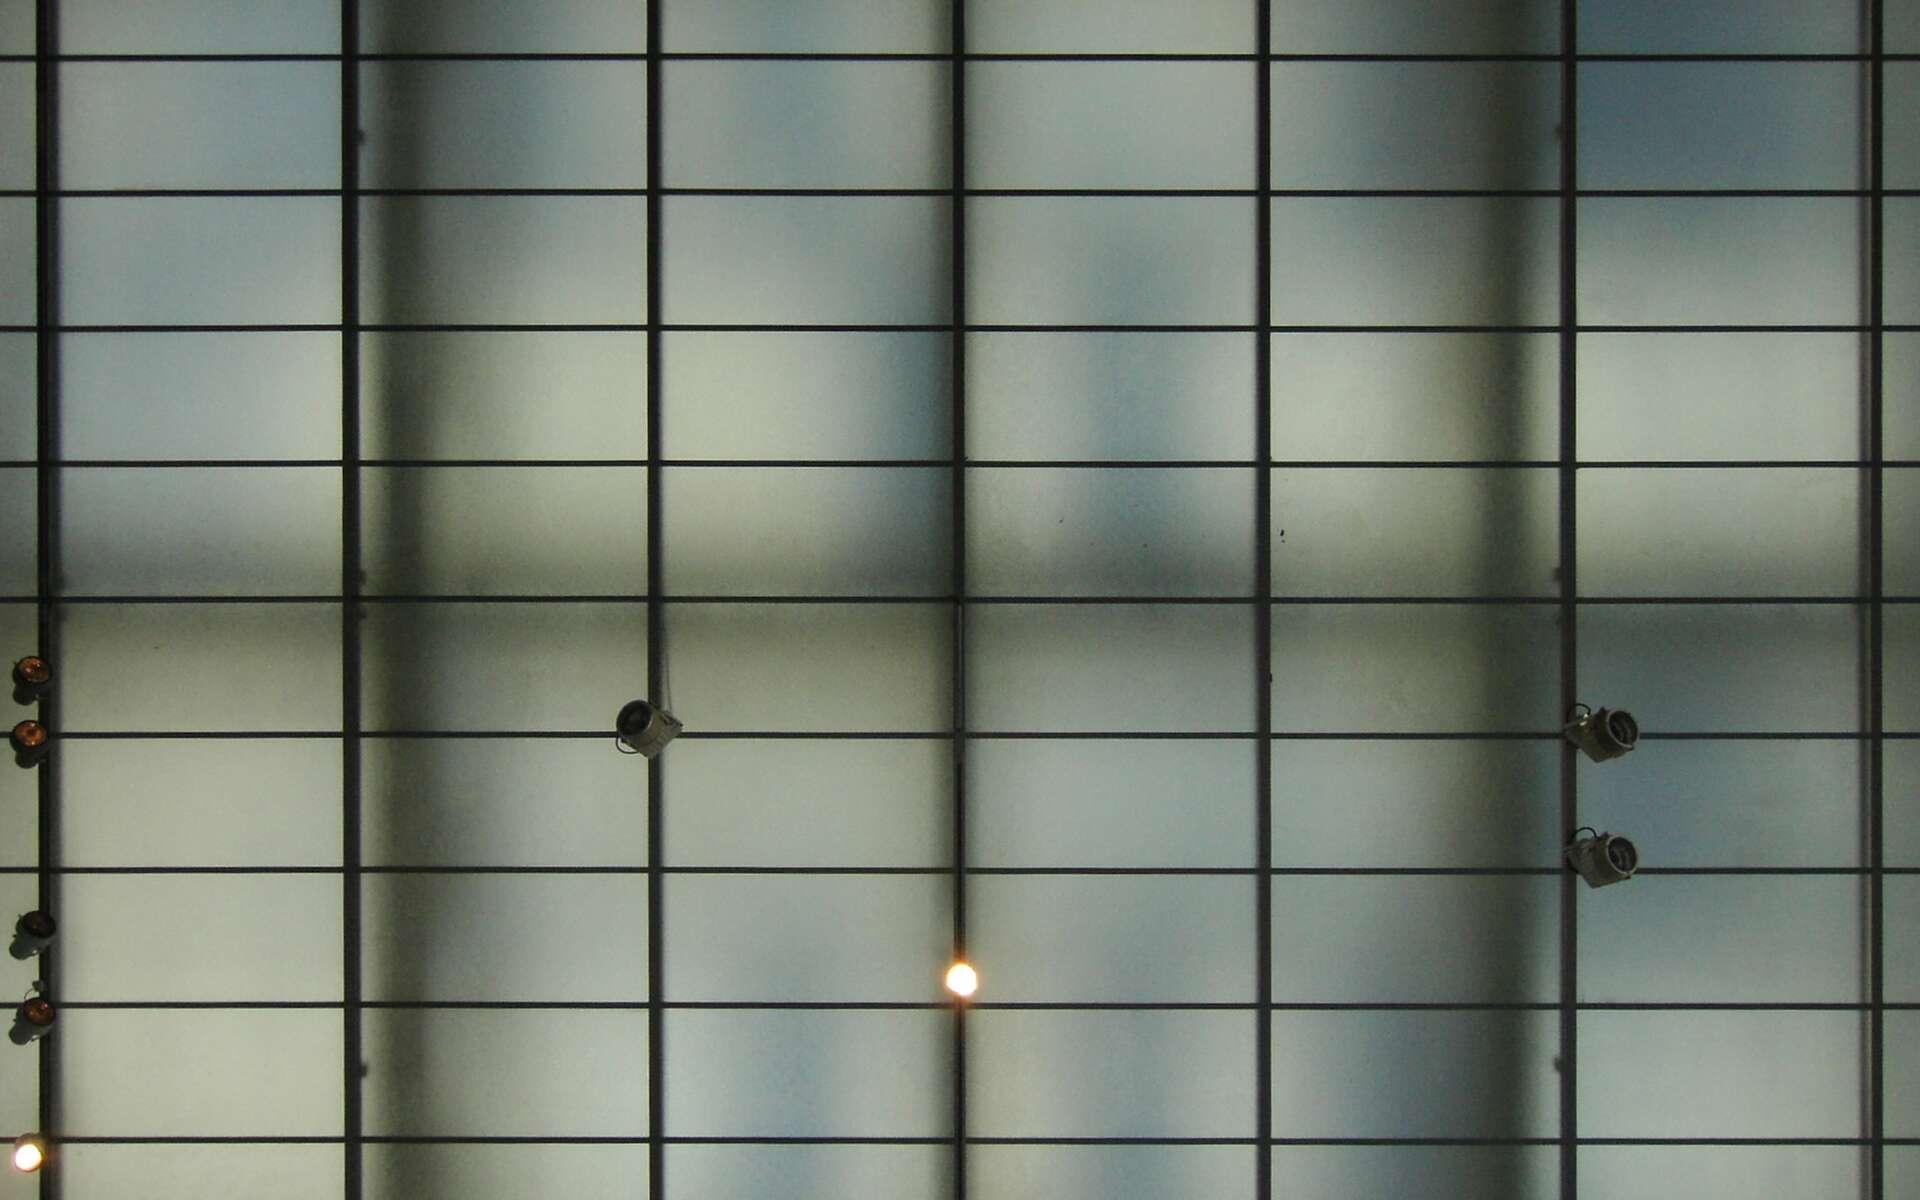 Le verre dépoli est un matériau translucide : il diffuse une partie de la lumière. © hobvias sudoneighm, Flickr